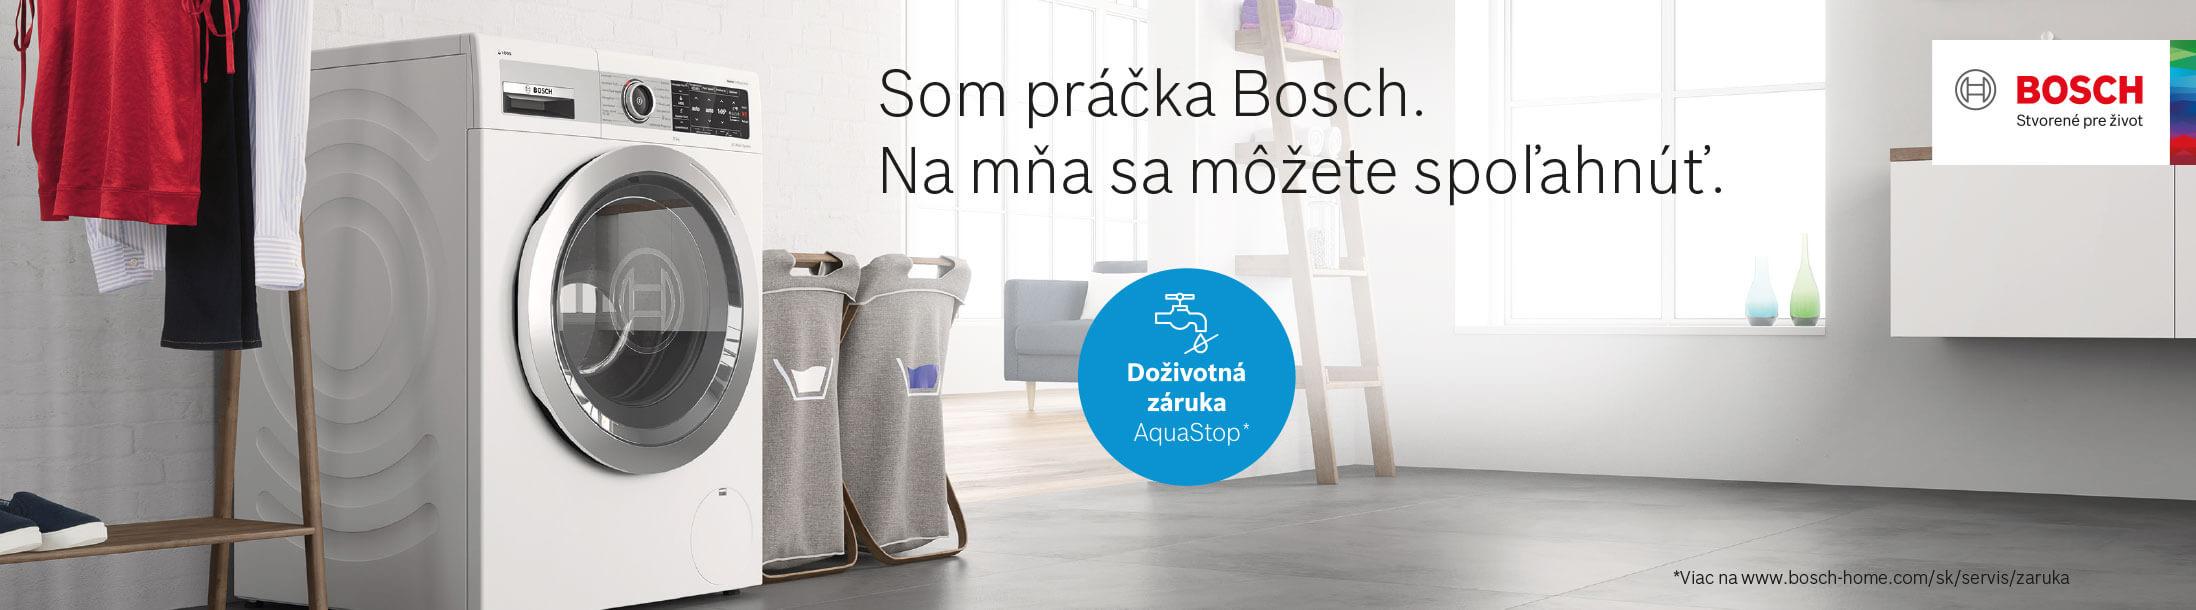 Bosch - Práčky - Doživotná záruka na AquaStop